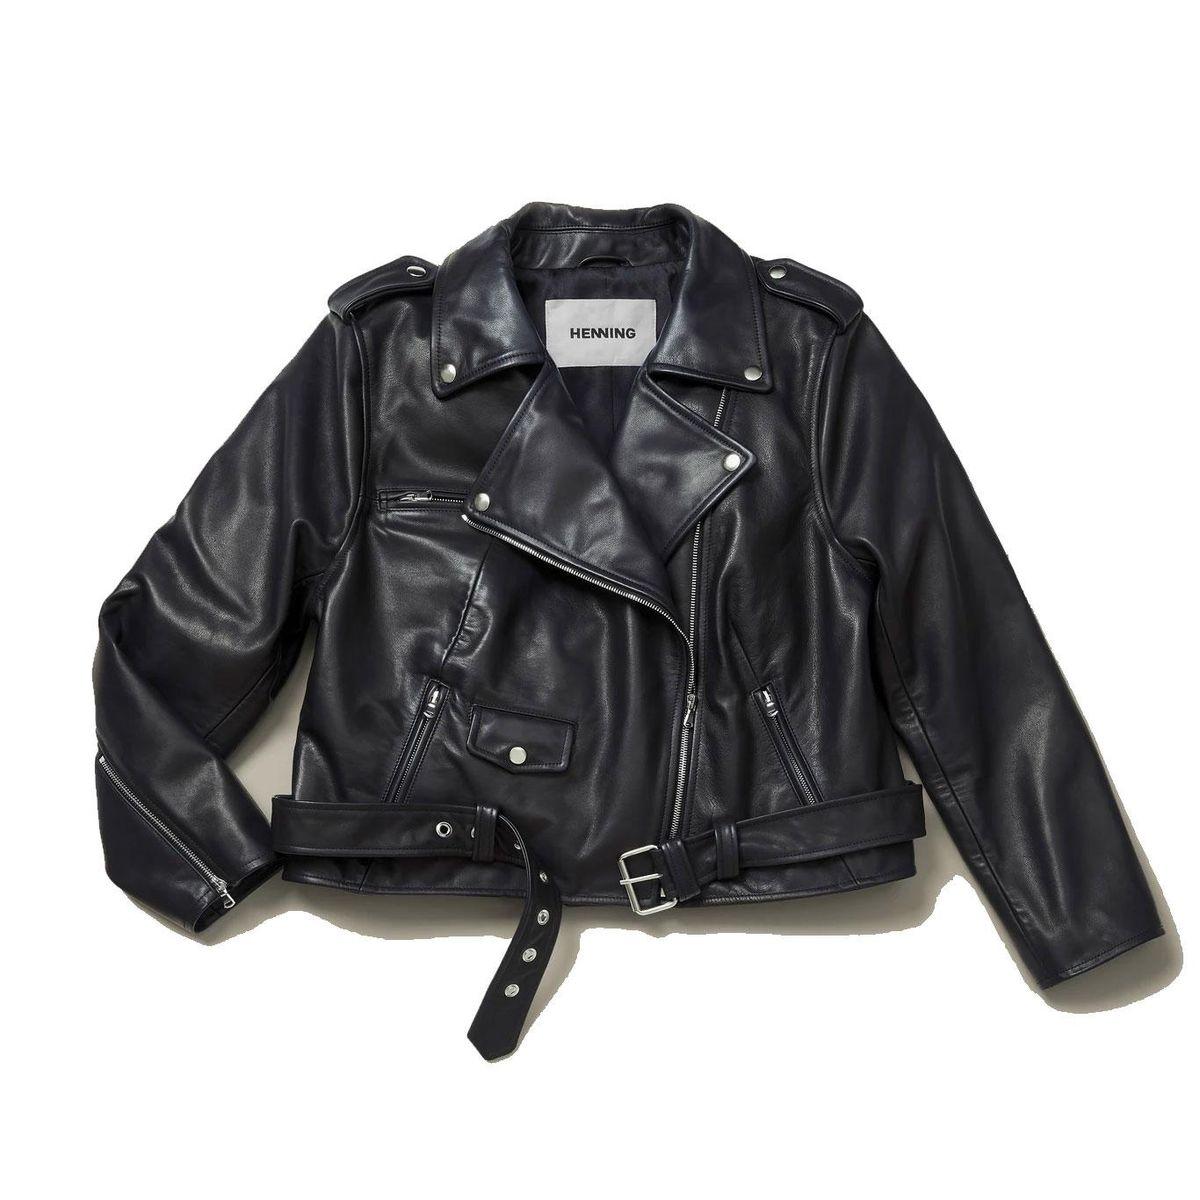 henning hudson leather jacket